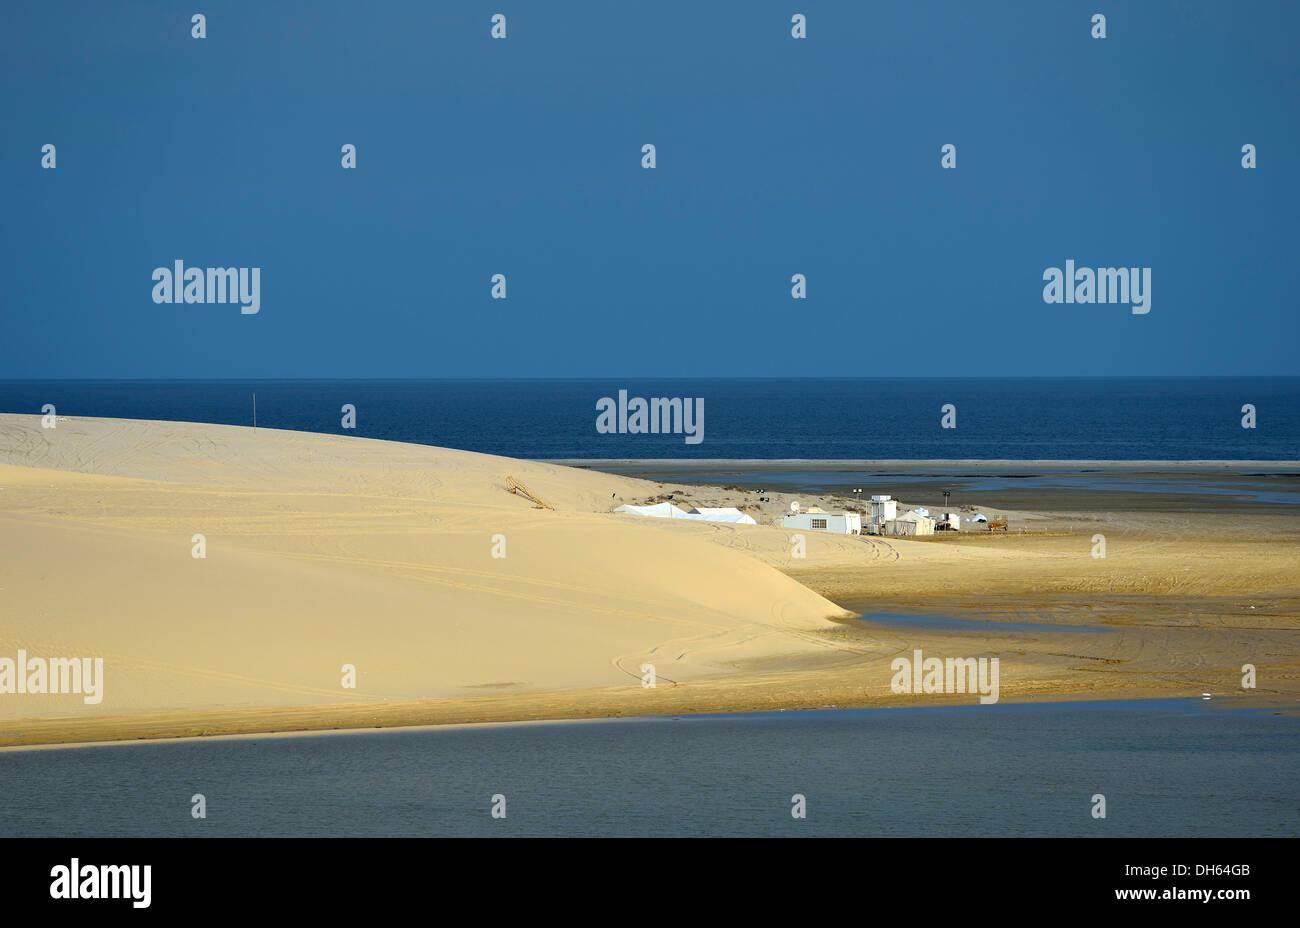 Tiendas beduinas, dunas de arena, mar interior, el milagro del desierto de Qatar, Khor Al Udeid Playa, auch Khor Foto de stock